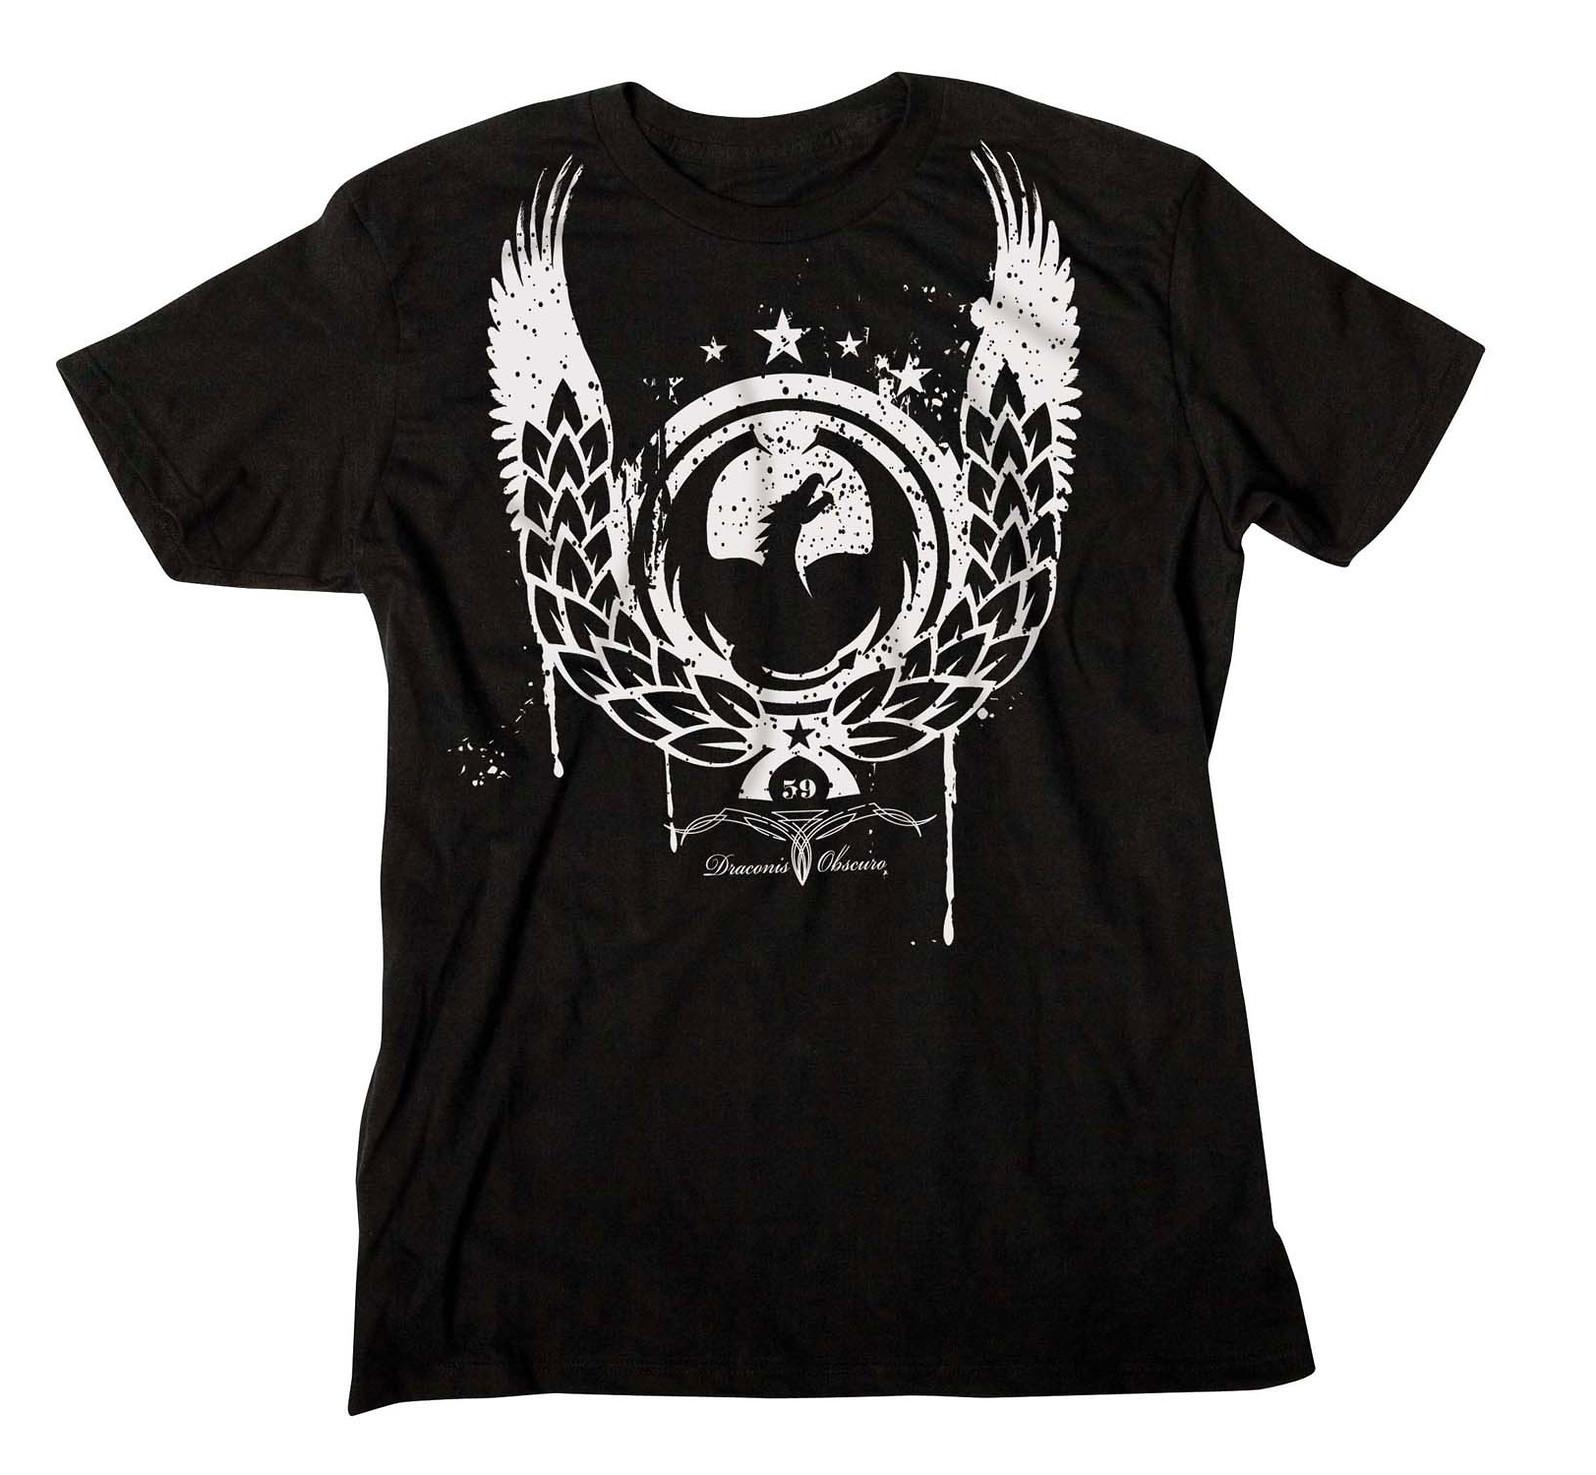 Dragon Warrant T-Shirt Black  dragon-warrant-t-yth-blk-08.jpg